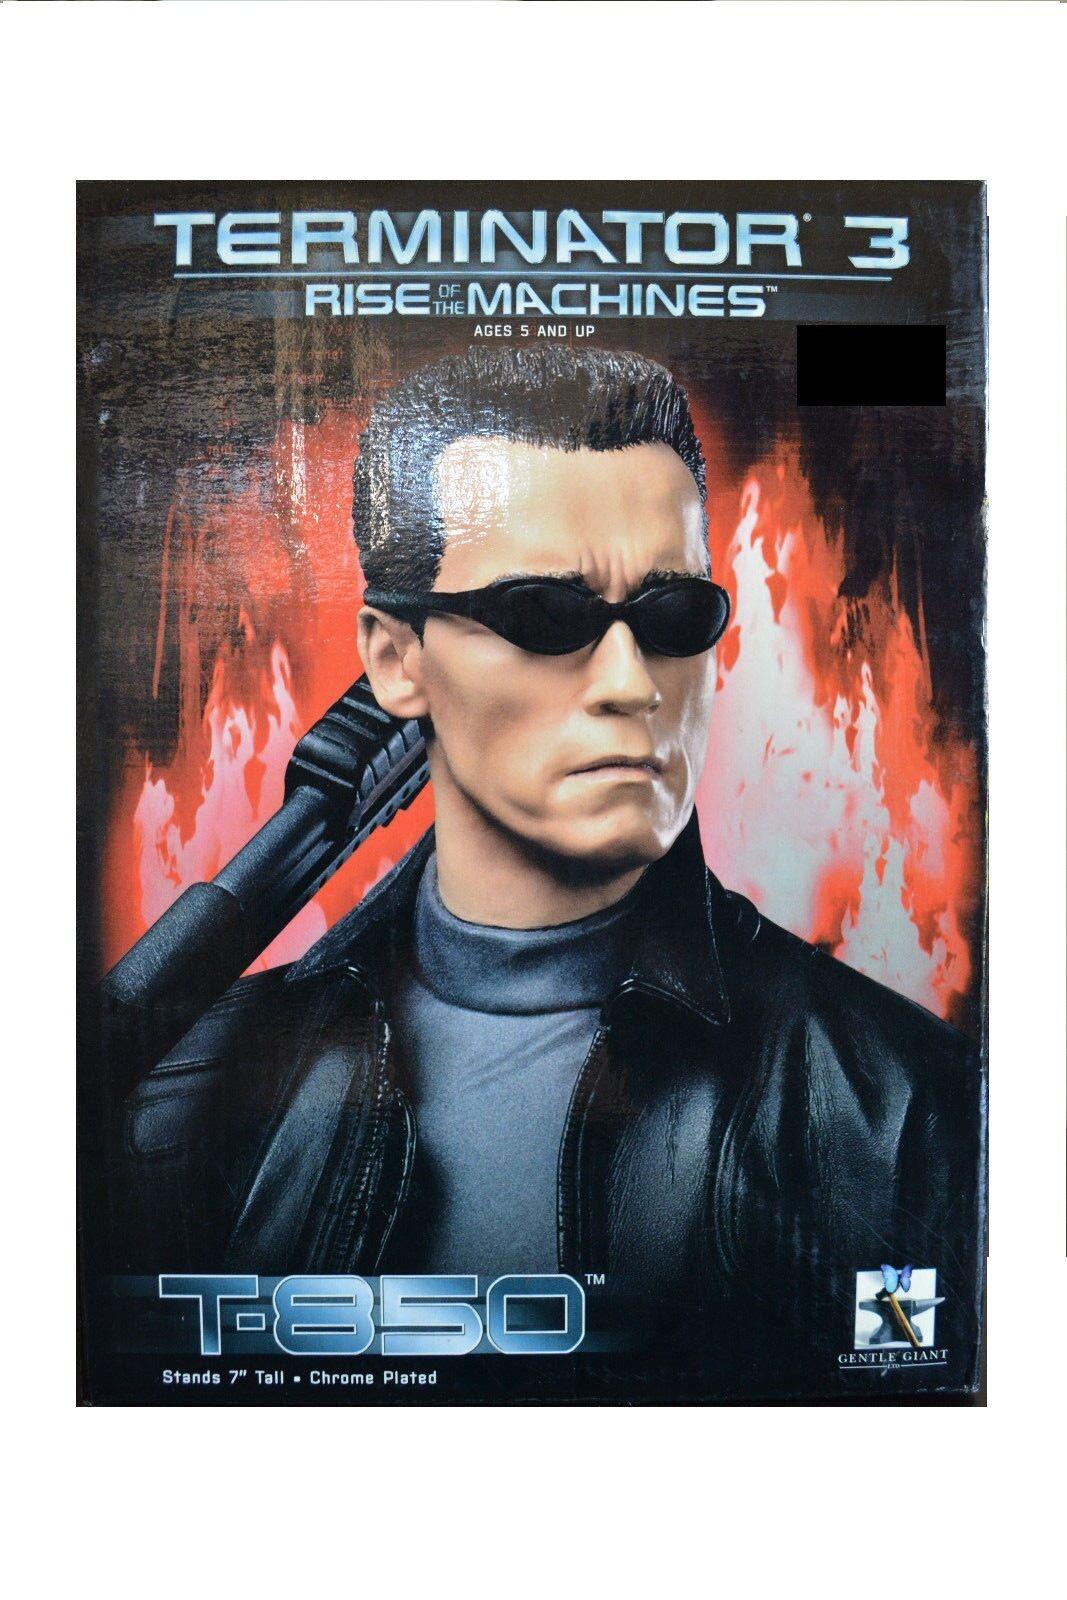 Gentle Giant - Terminator 3 - T-850 Bust 7